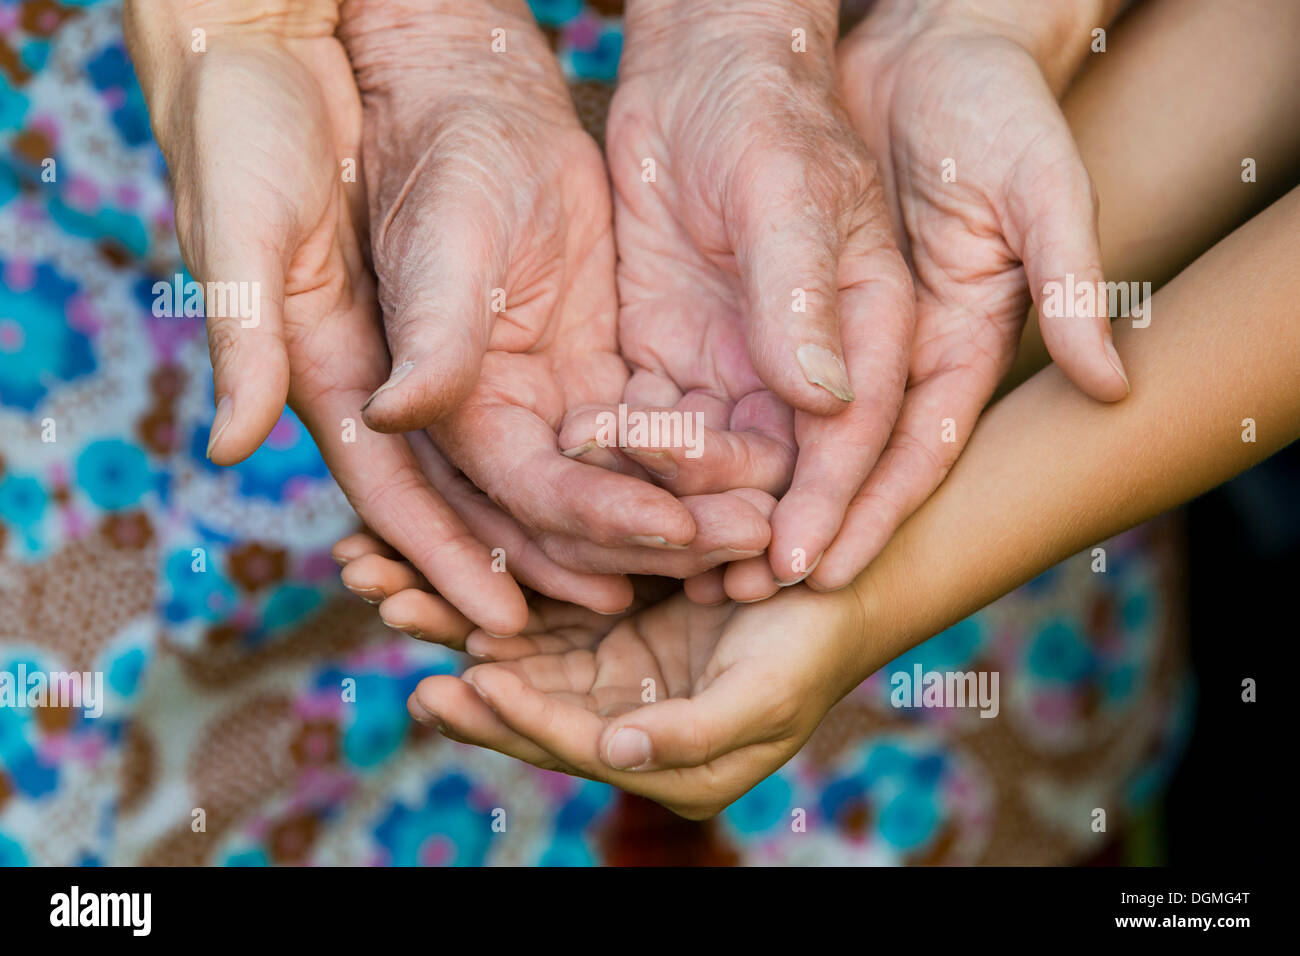 Les mains d'un adulte, une femme âgée et un enfant Photo Stock